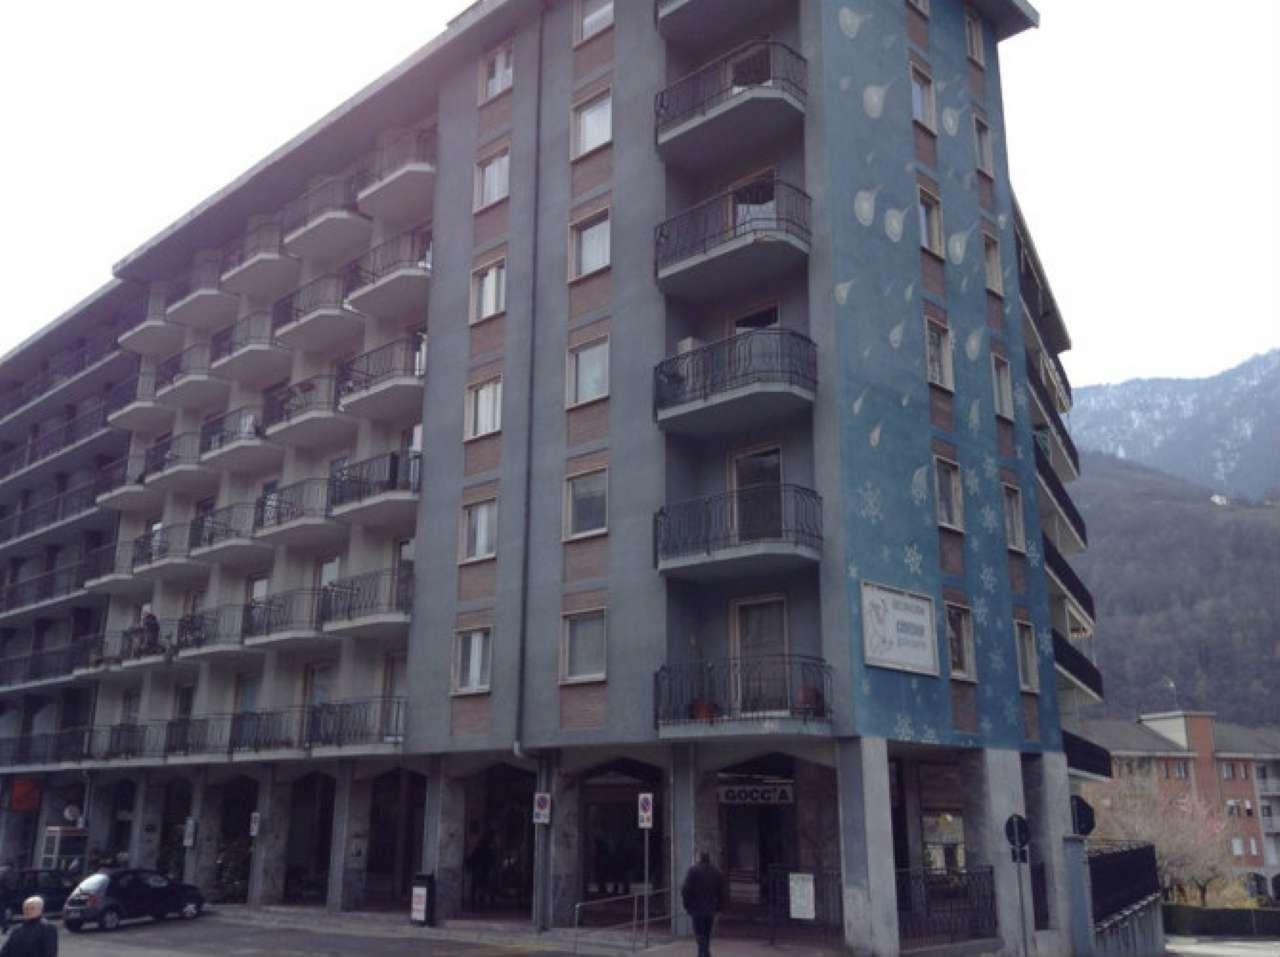 Appartamento in vendita a Perosa Argentina, 5 locali, prezzo € 75.000 | CambioCasa.it